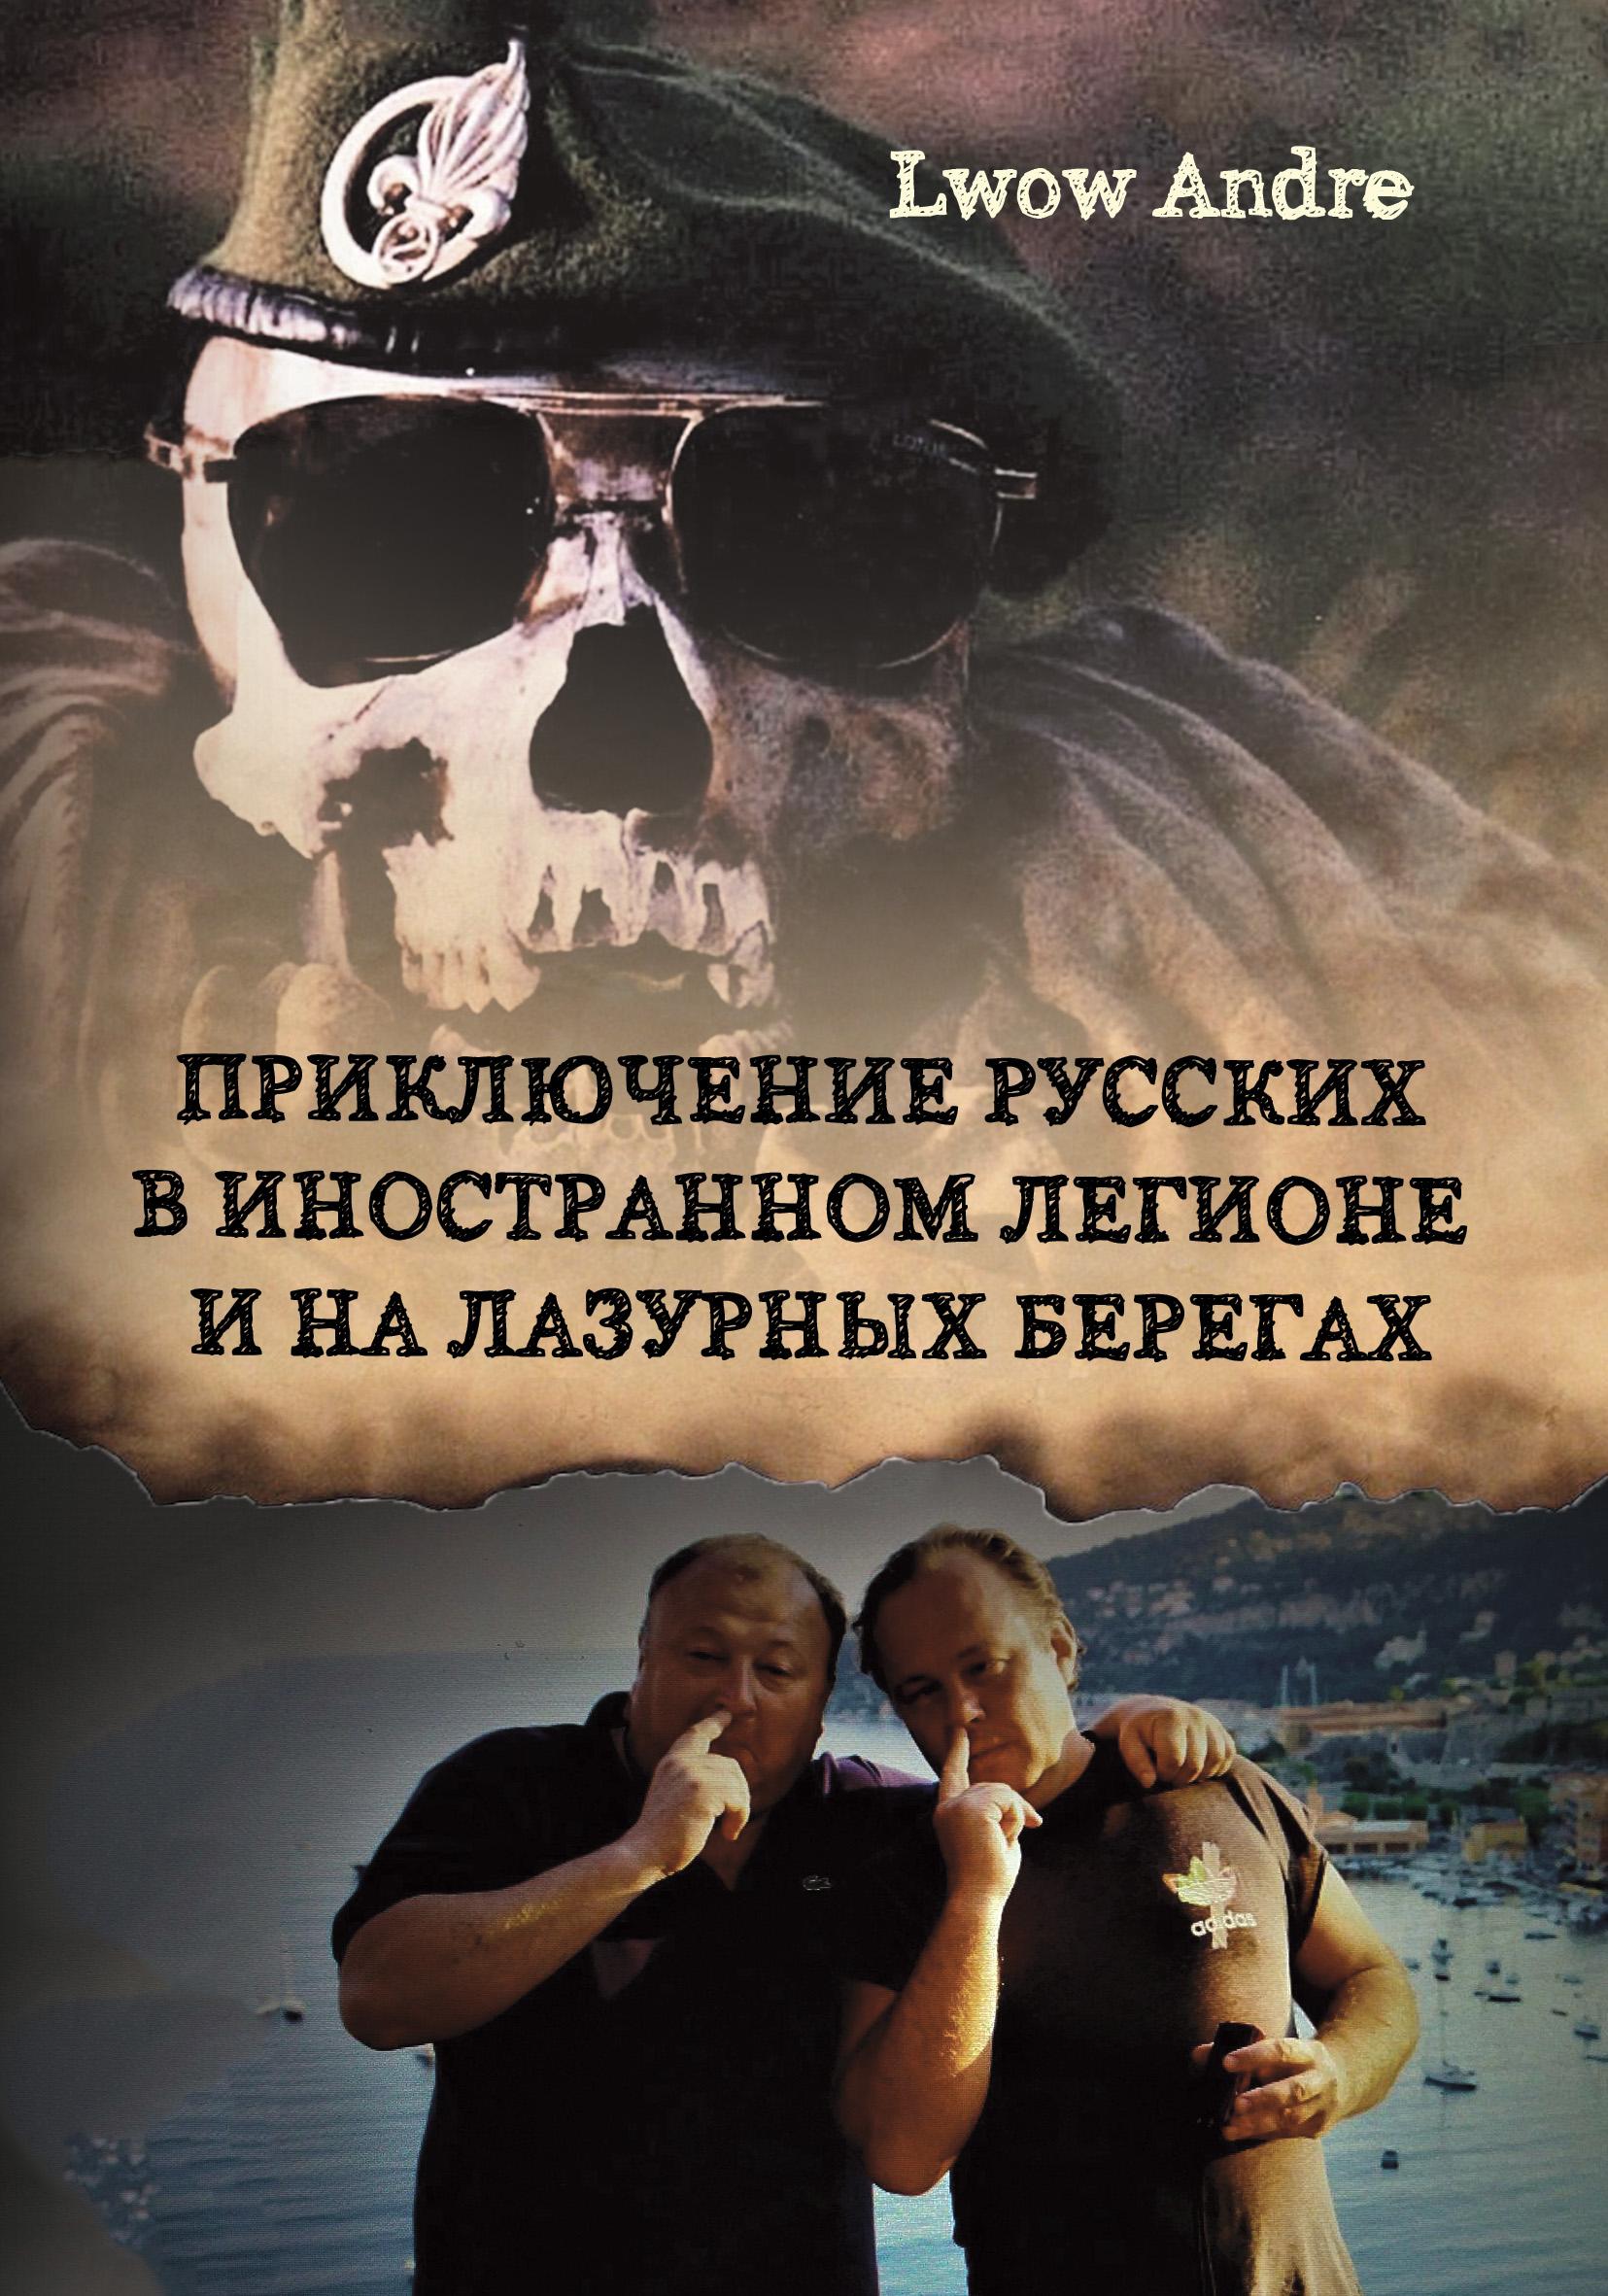 Фото - Andre Lwow Приключение русских в Иностранном легионе и на Лазурных берегах андрэ рье andre rieu dreaming